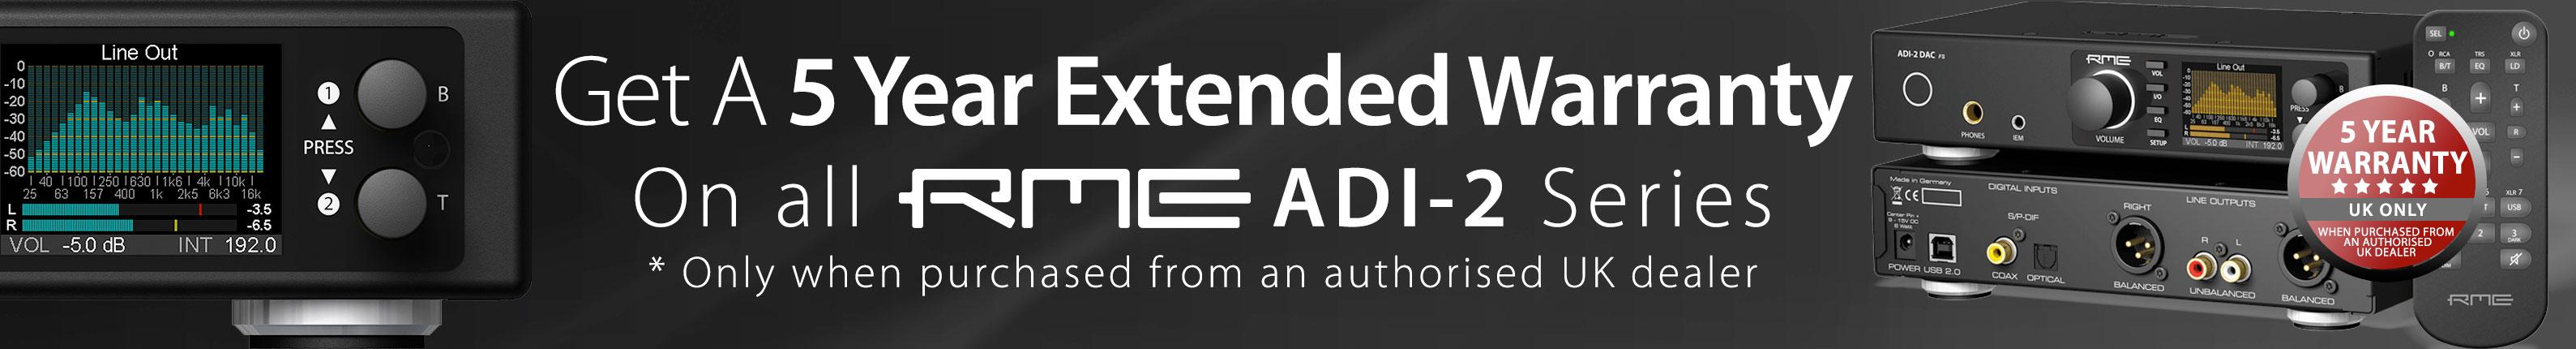 RME ADI-2 DAC - 5 Year Warranty - V2 - Synthax Audio UK